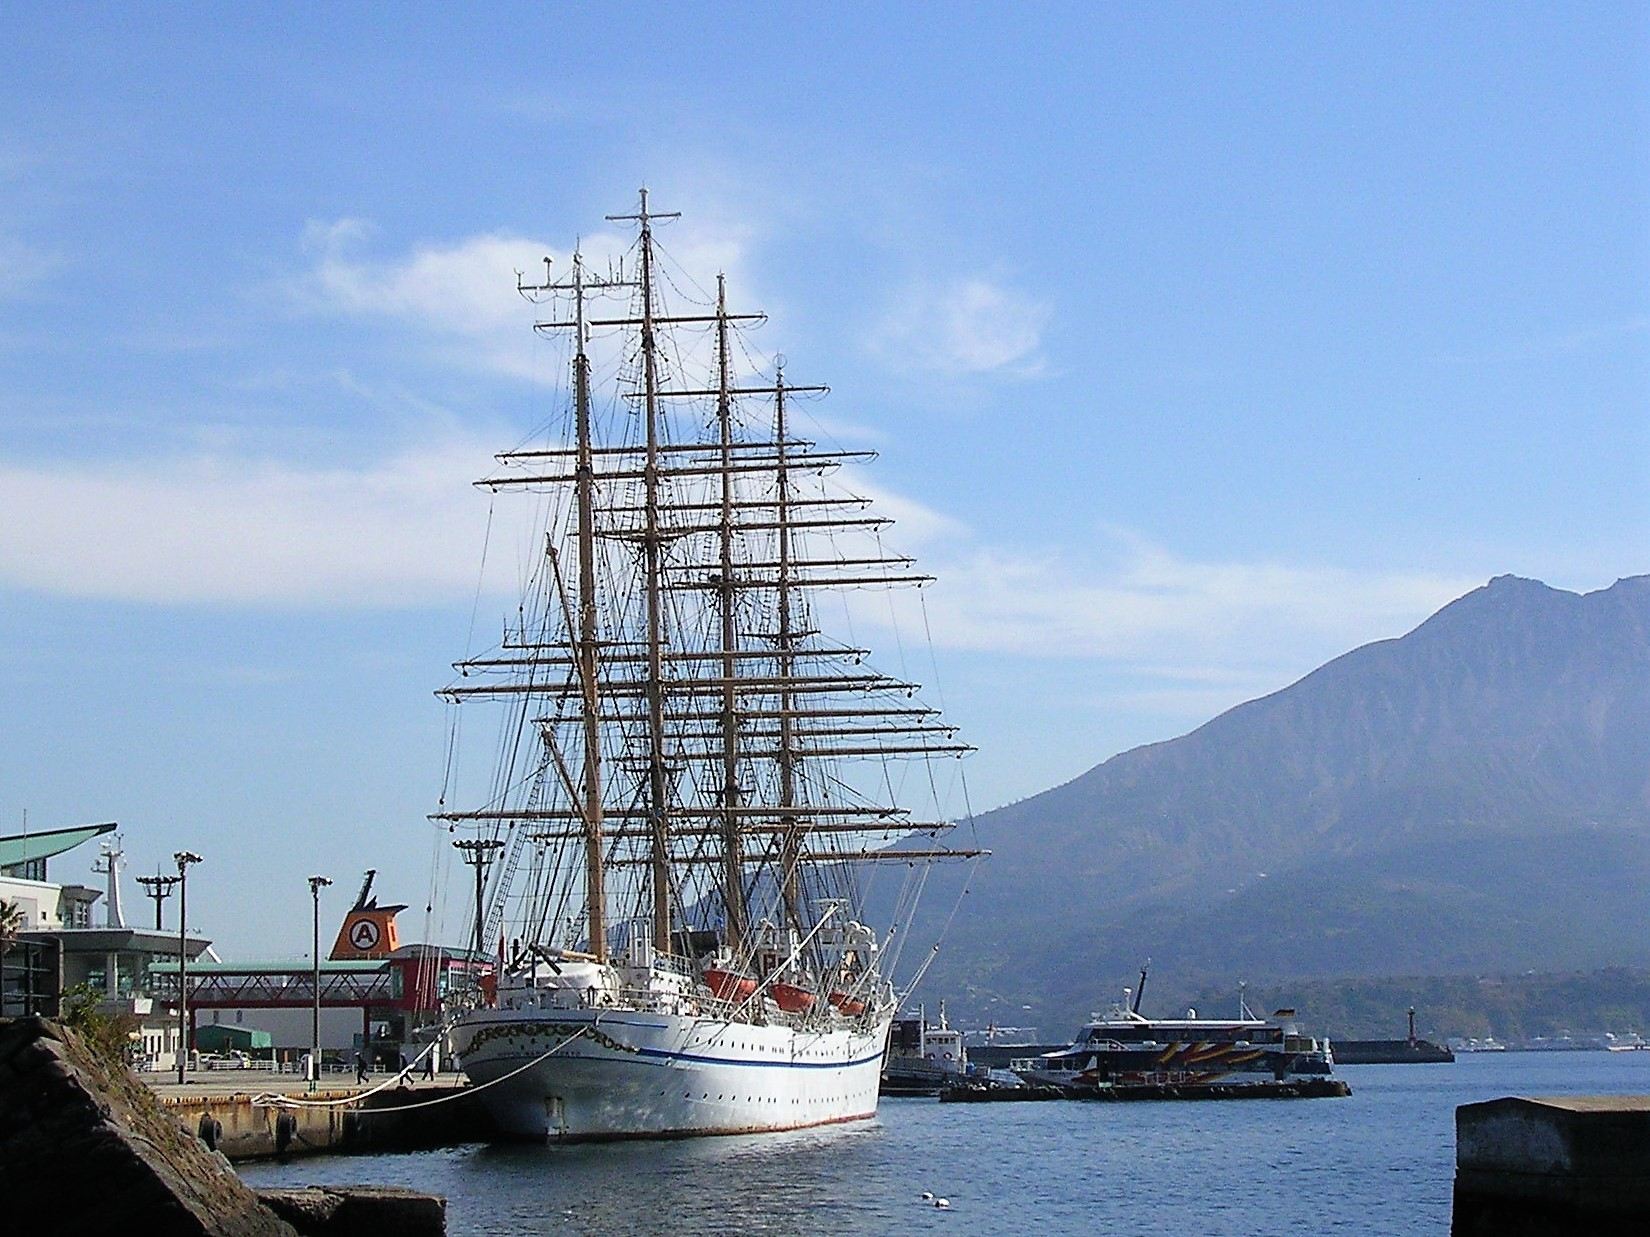 帆船「日本丸」